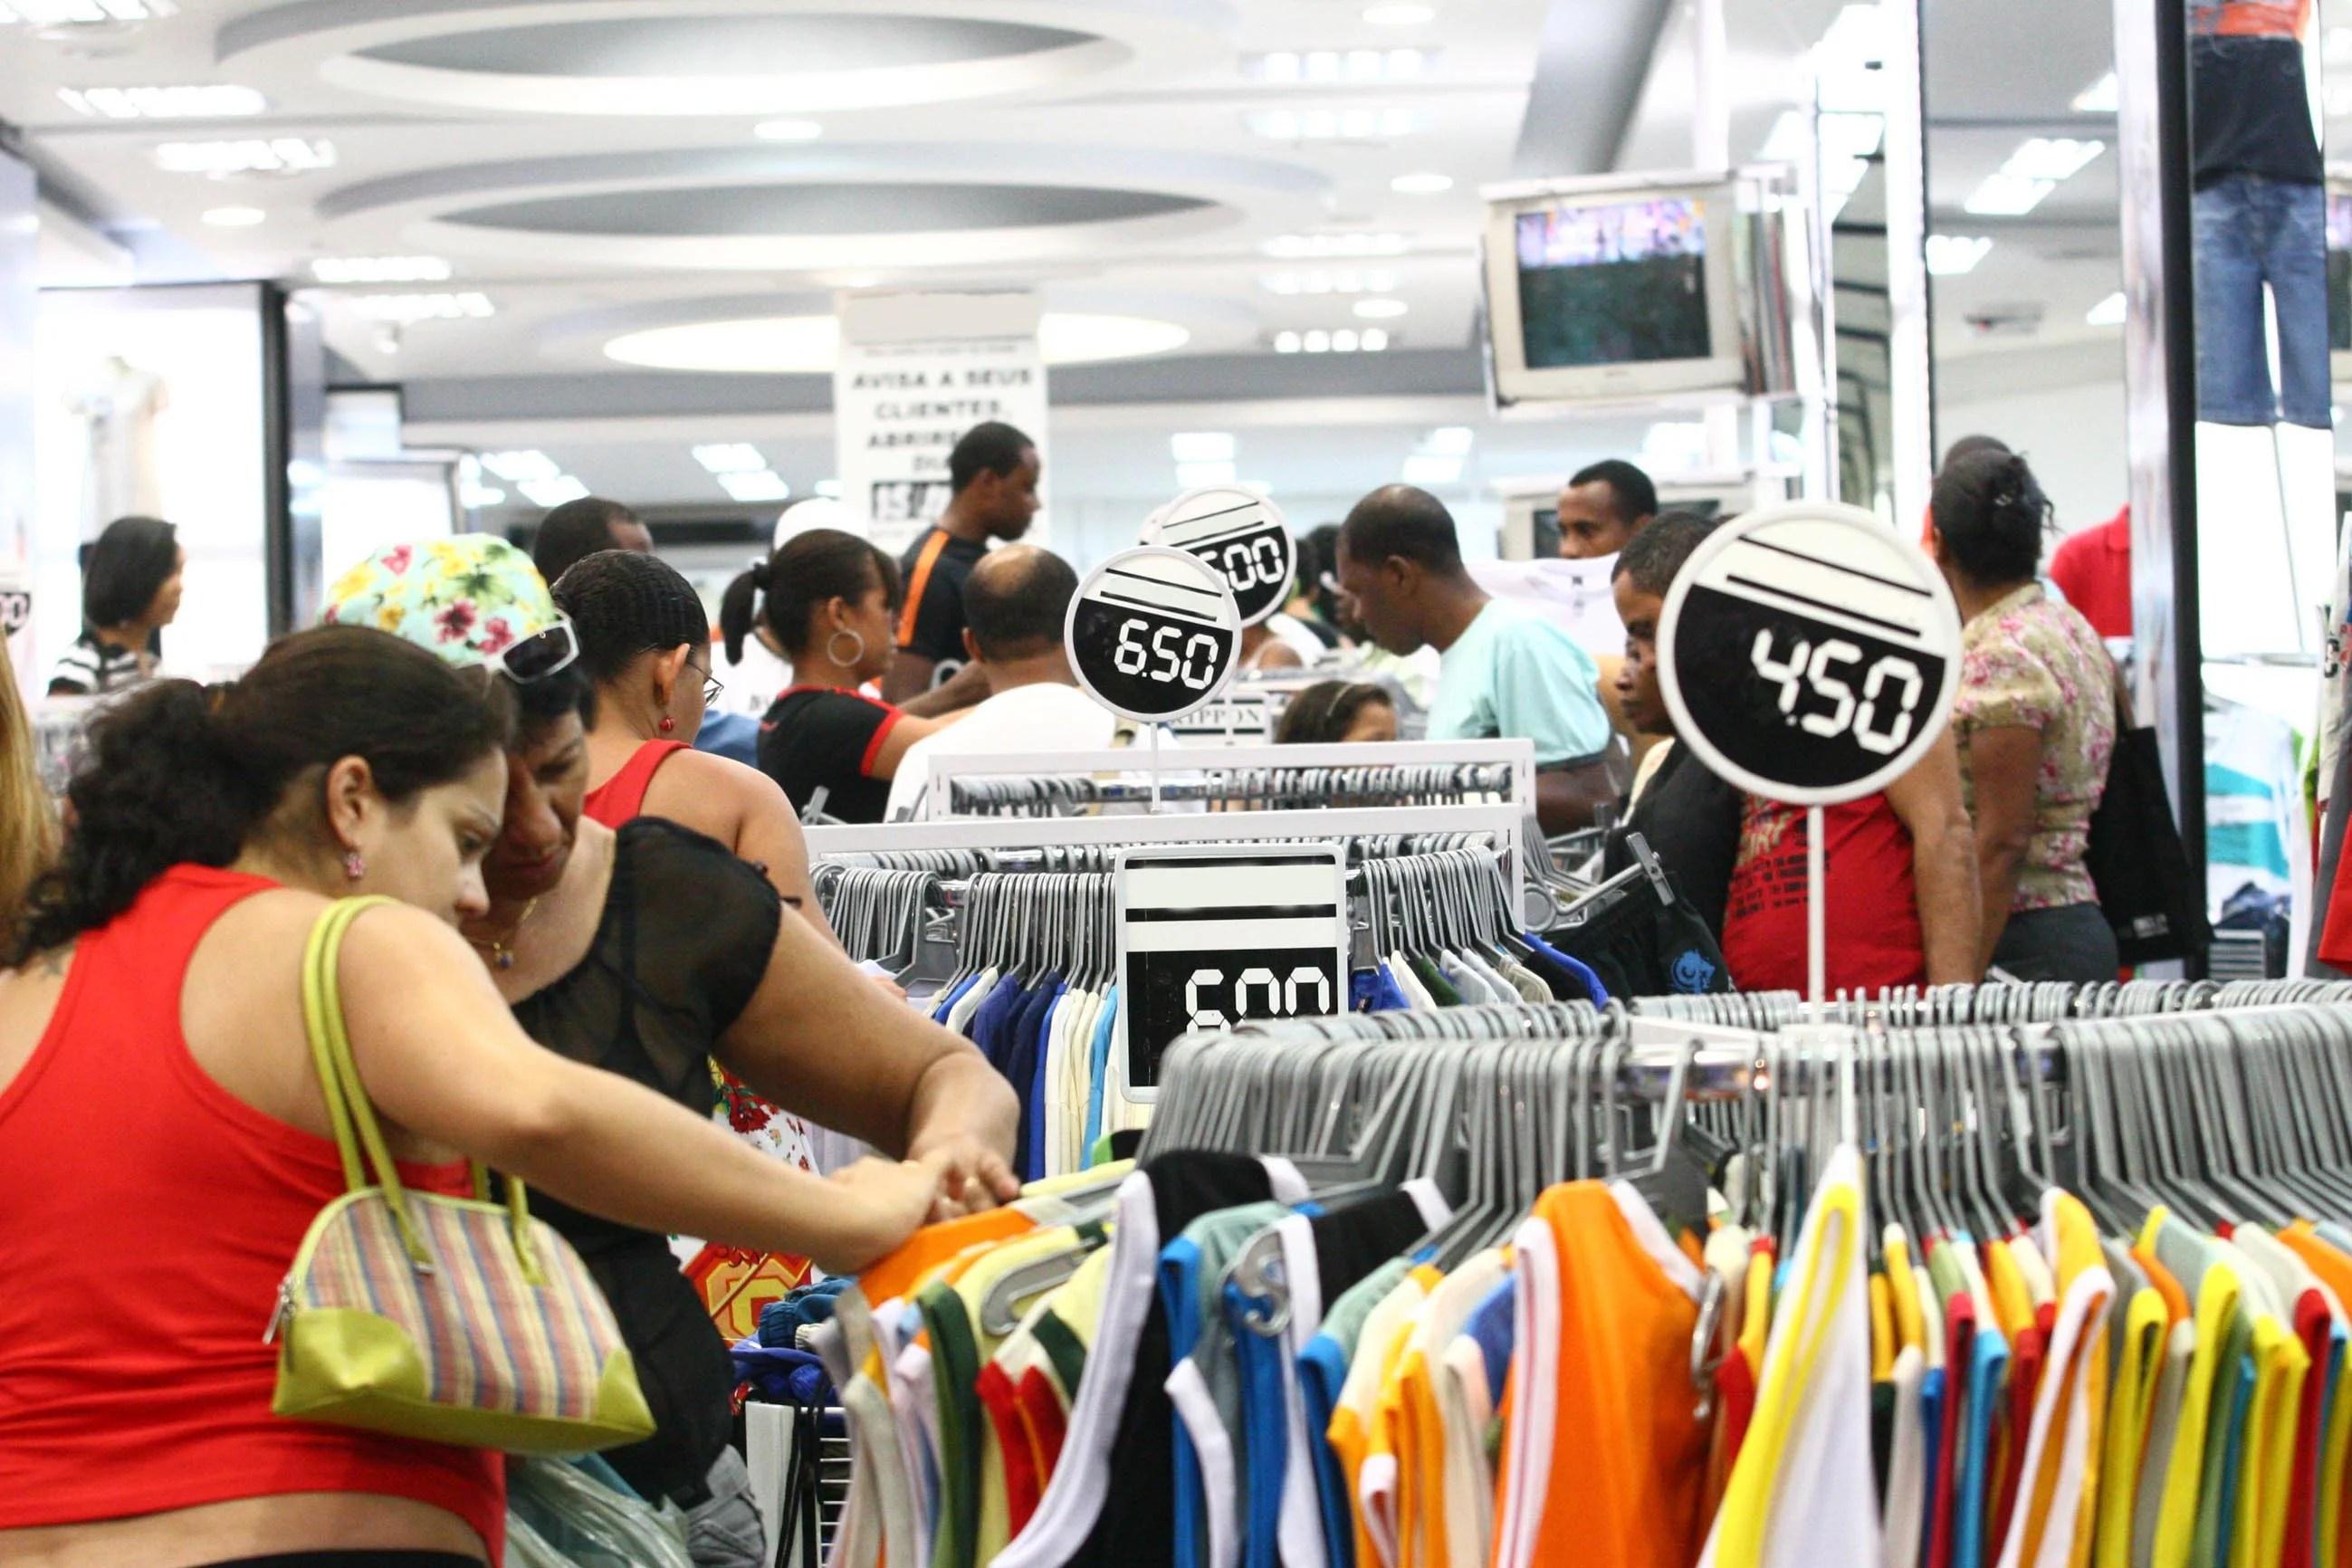 Vendas no varejo do Brasil avançam 0,3 % em março, diz IBGE